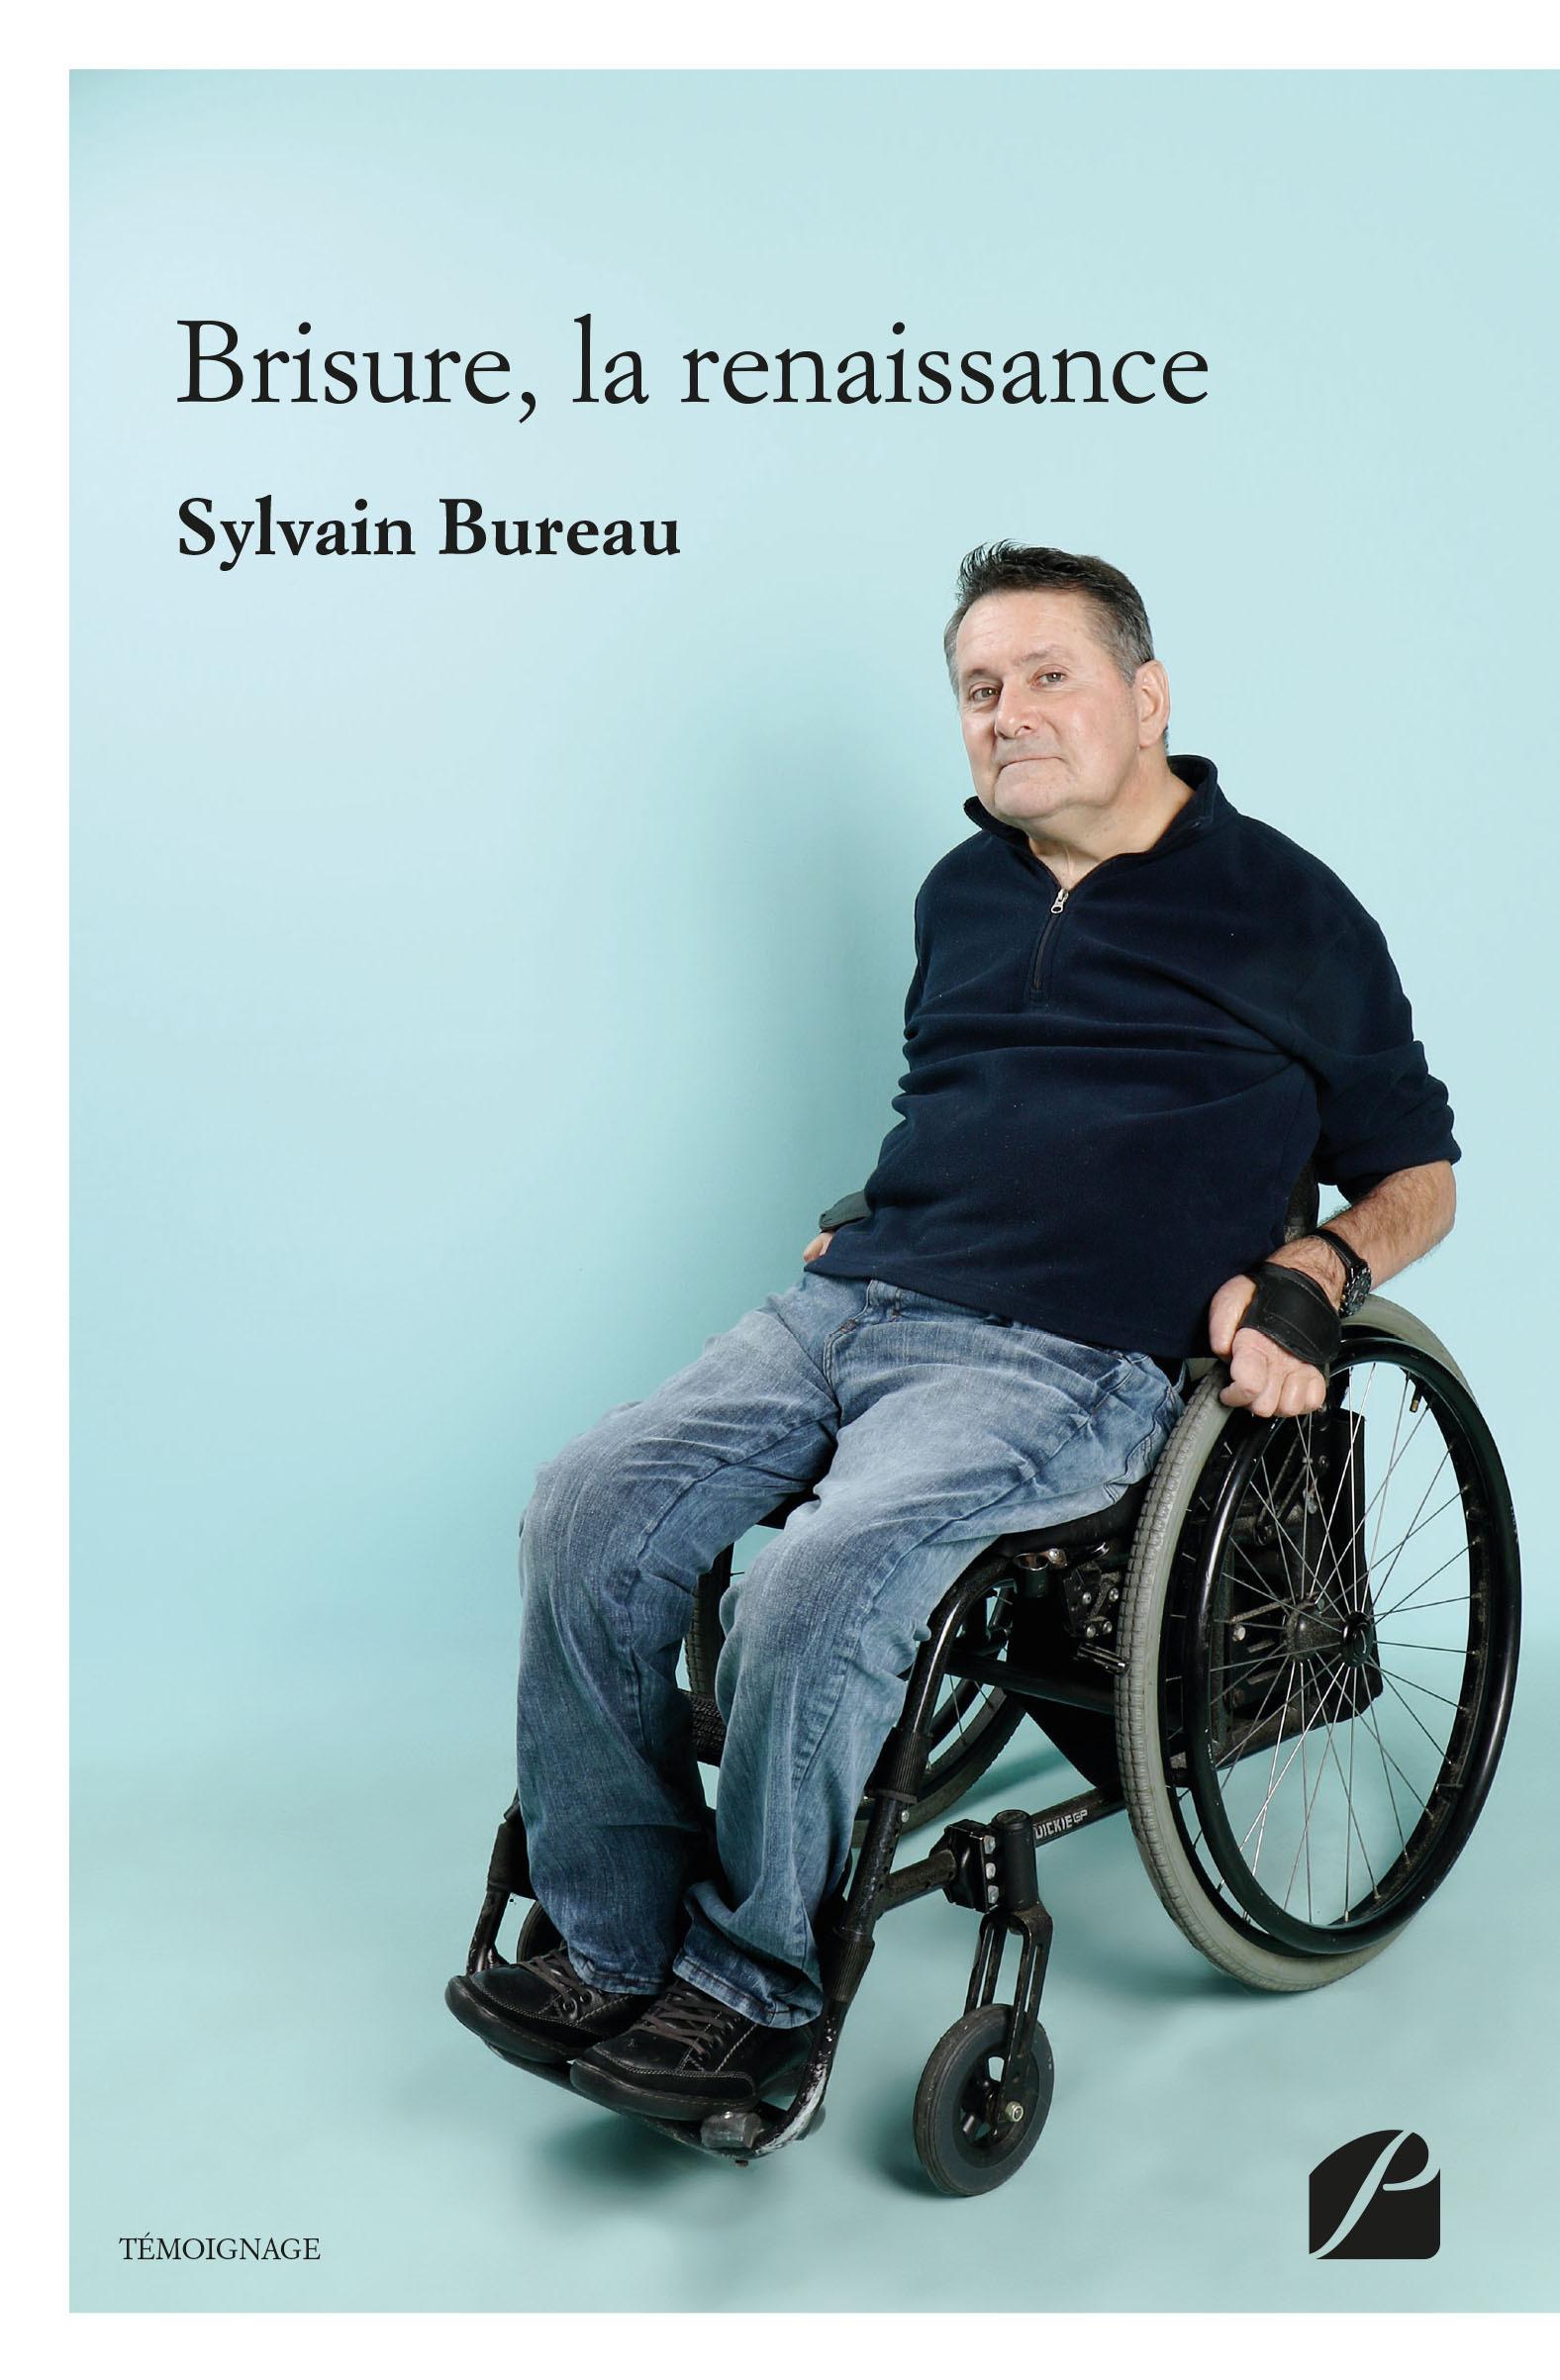 Brisure, la renaissance  - Sylvain Bureau